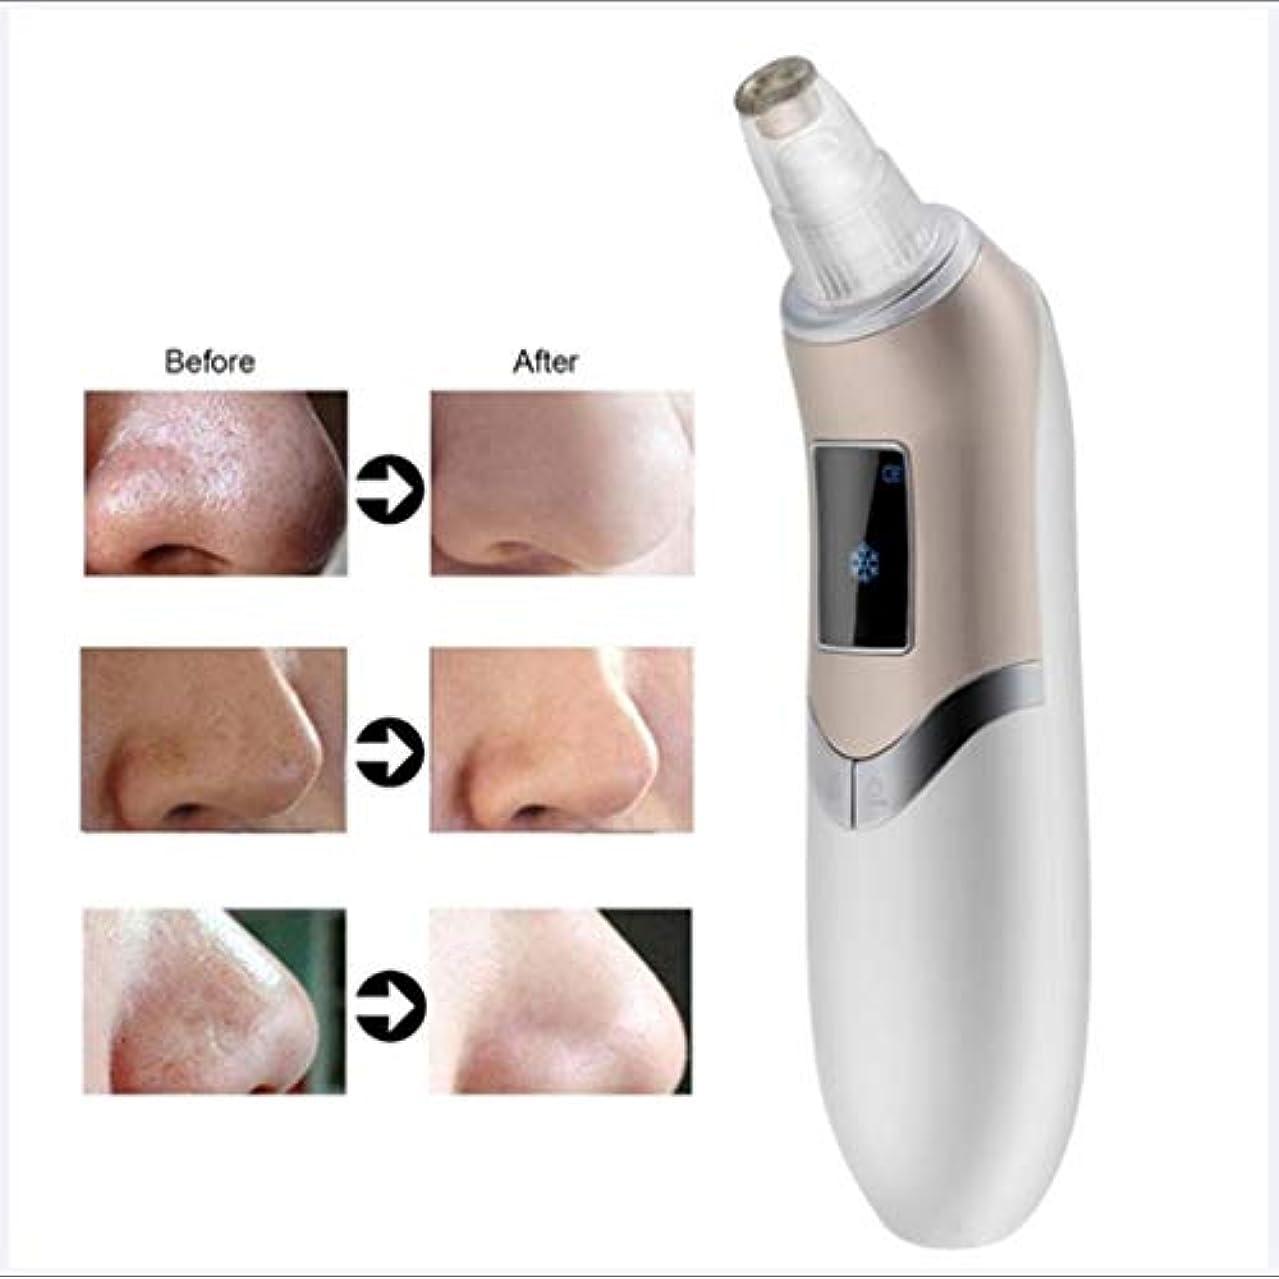 気まぐれなボードマラウイ洗顔料 - にきび掃除機 - 電気にきびマイクロダーマブレーション - 美容